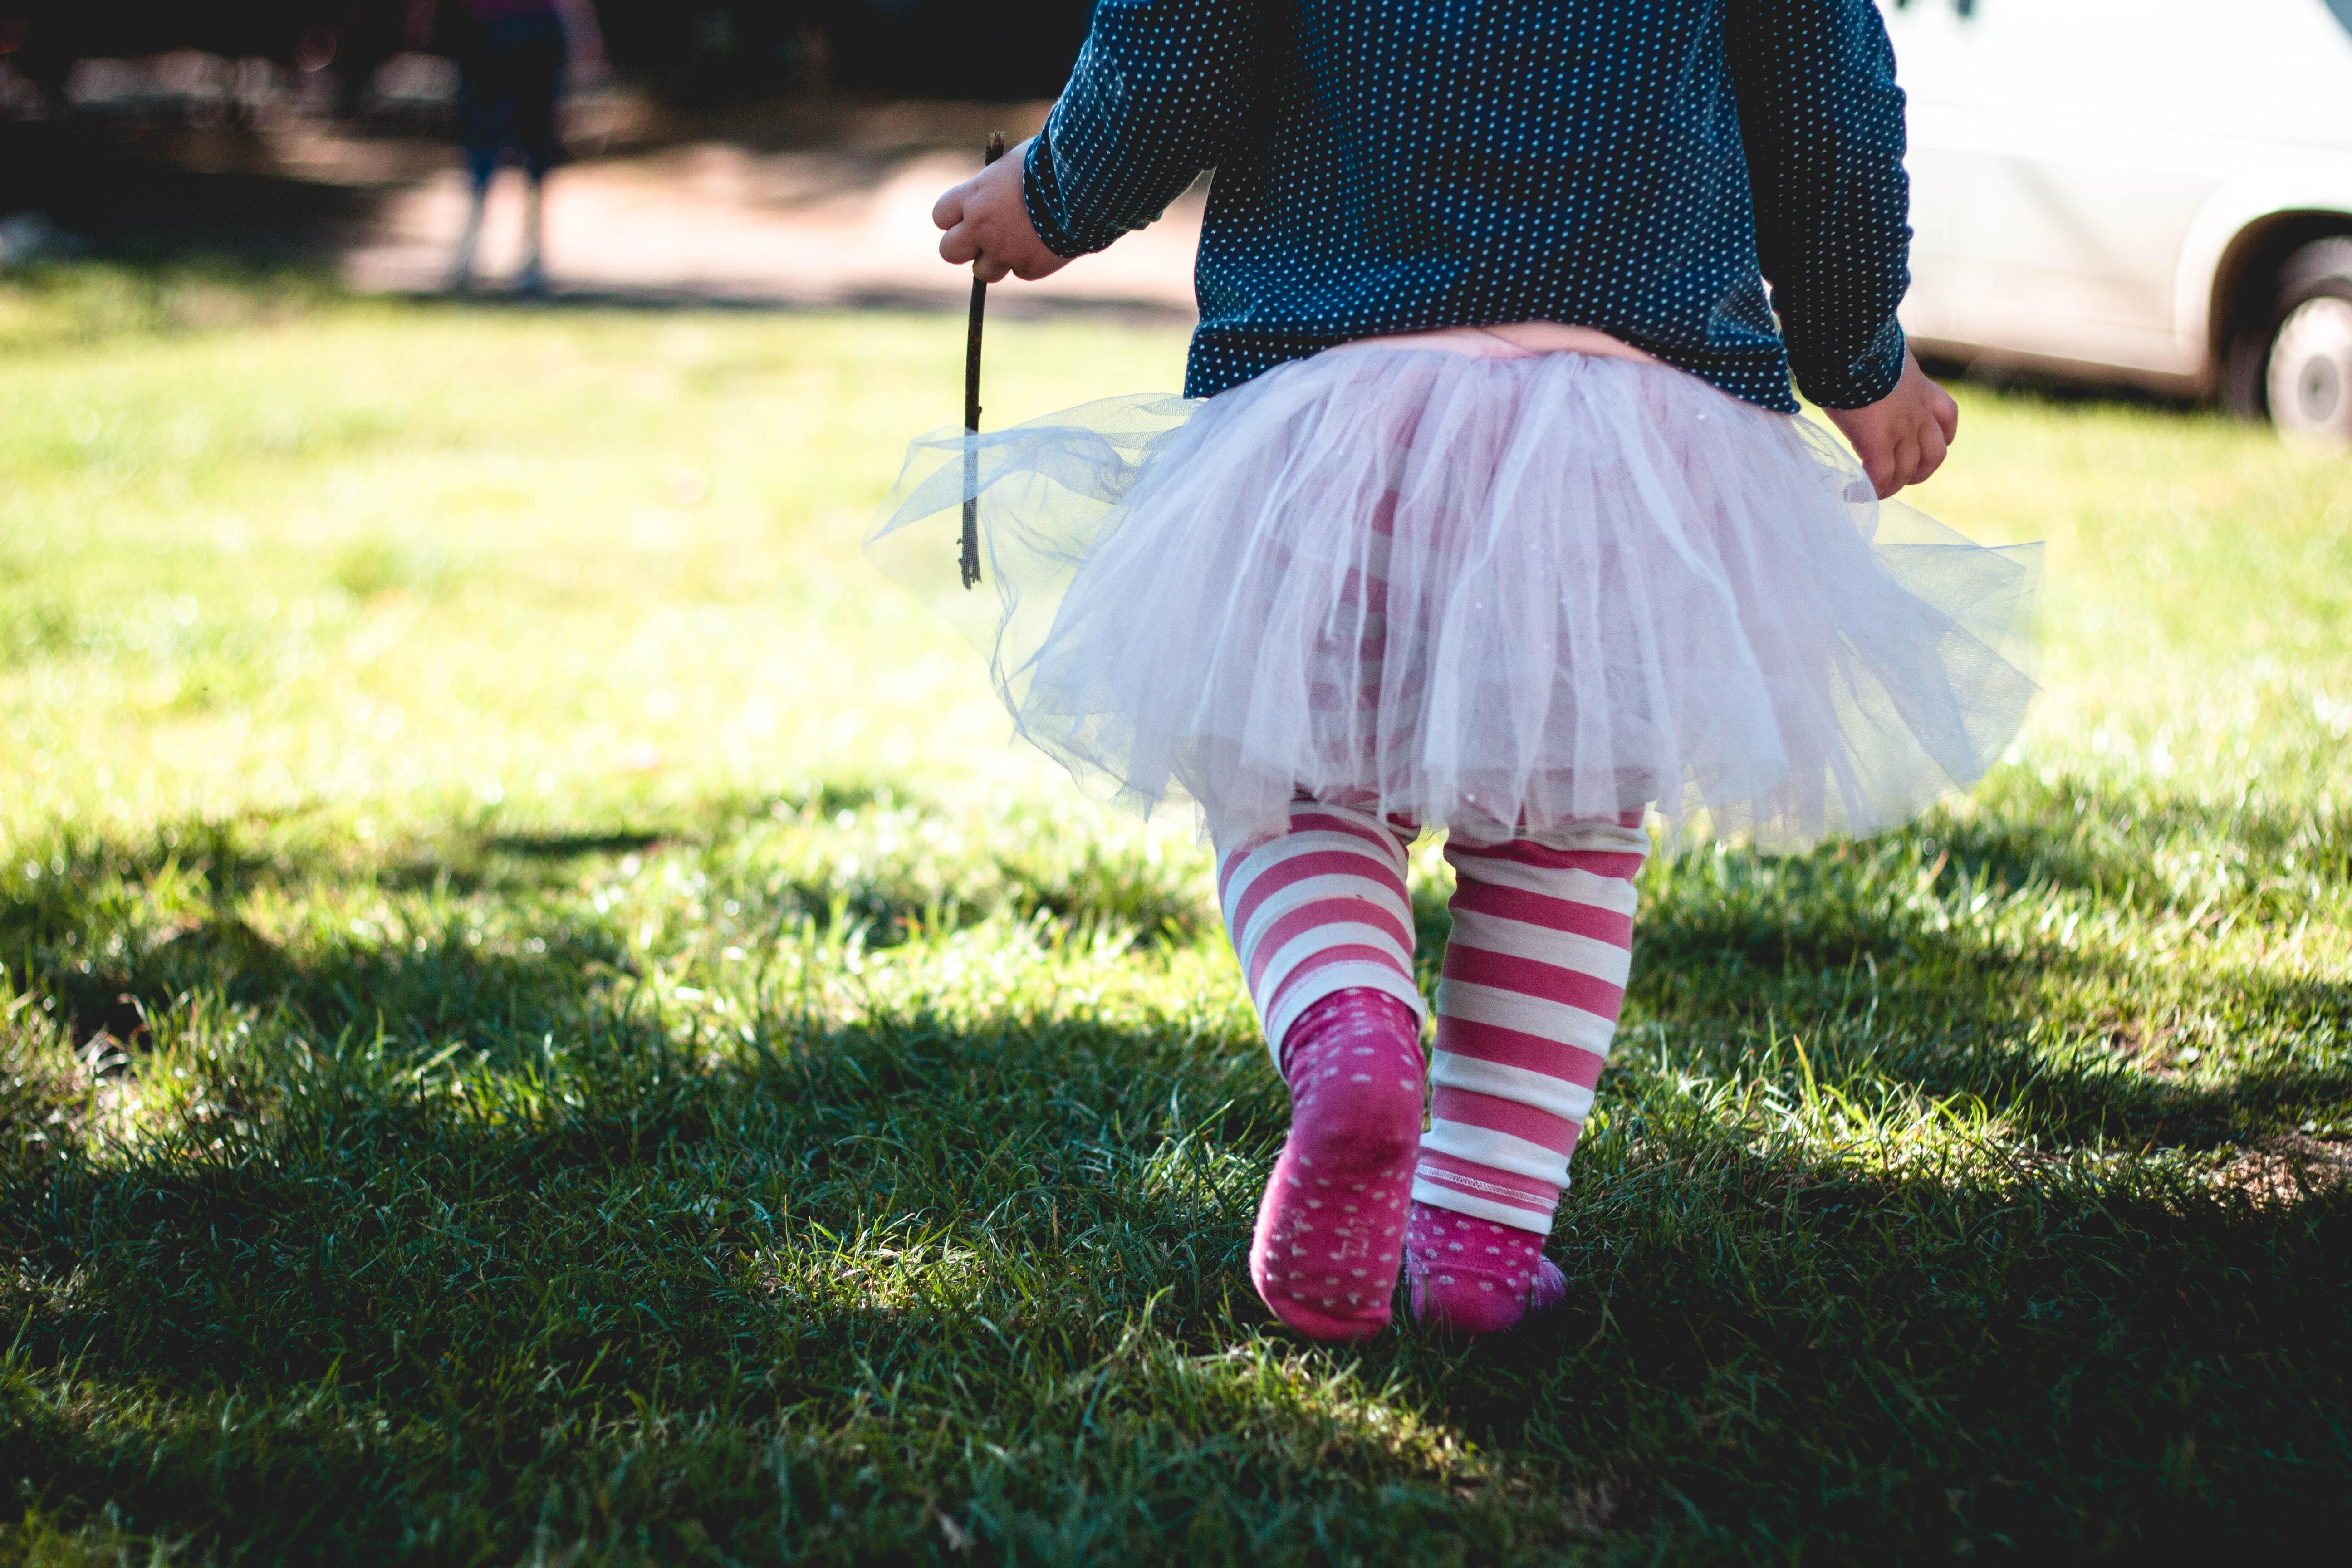 Mädchen mit Röckchen läuft durchs Gras